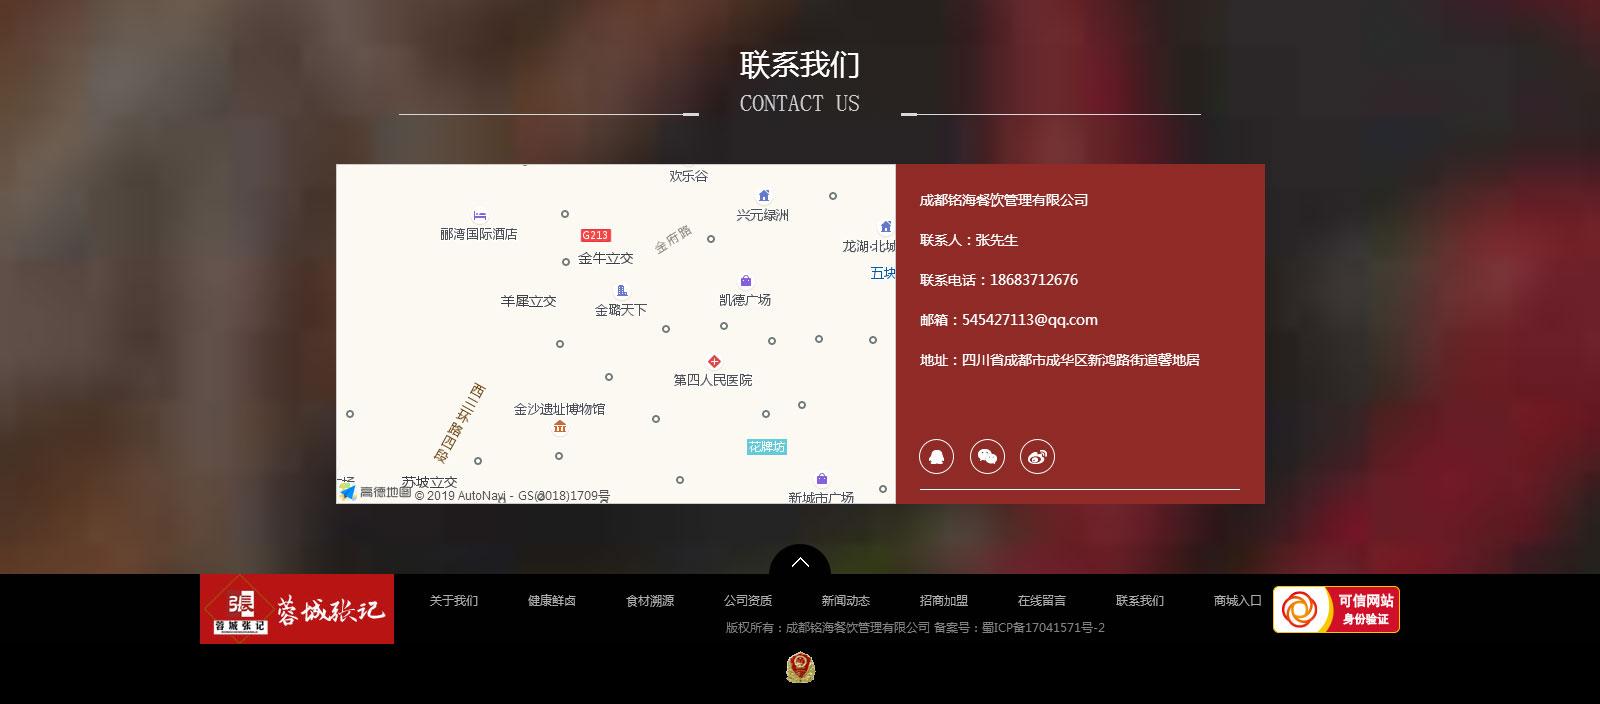 成都铭海餐饮管理有限公司_07.jpg